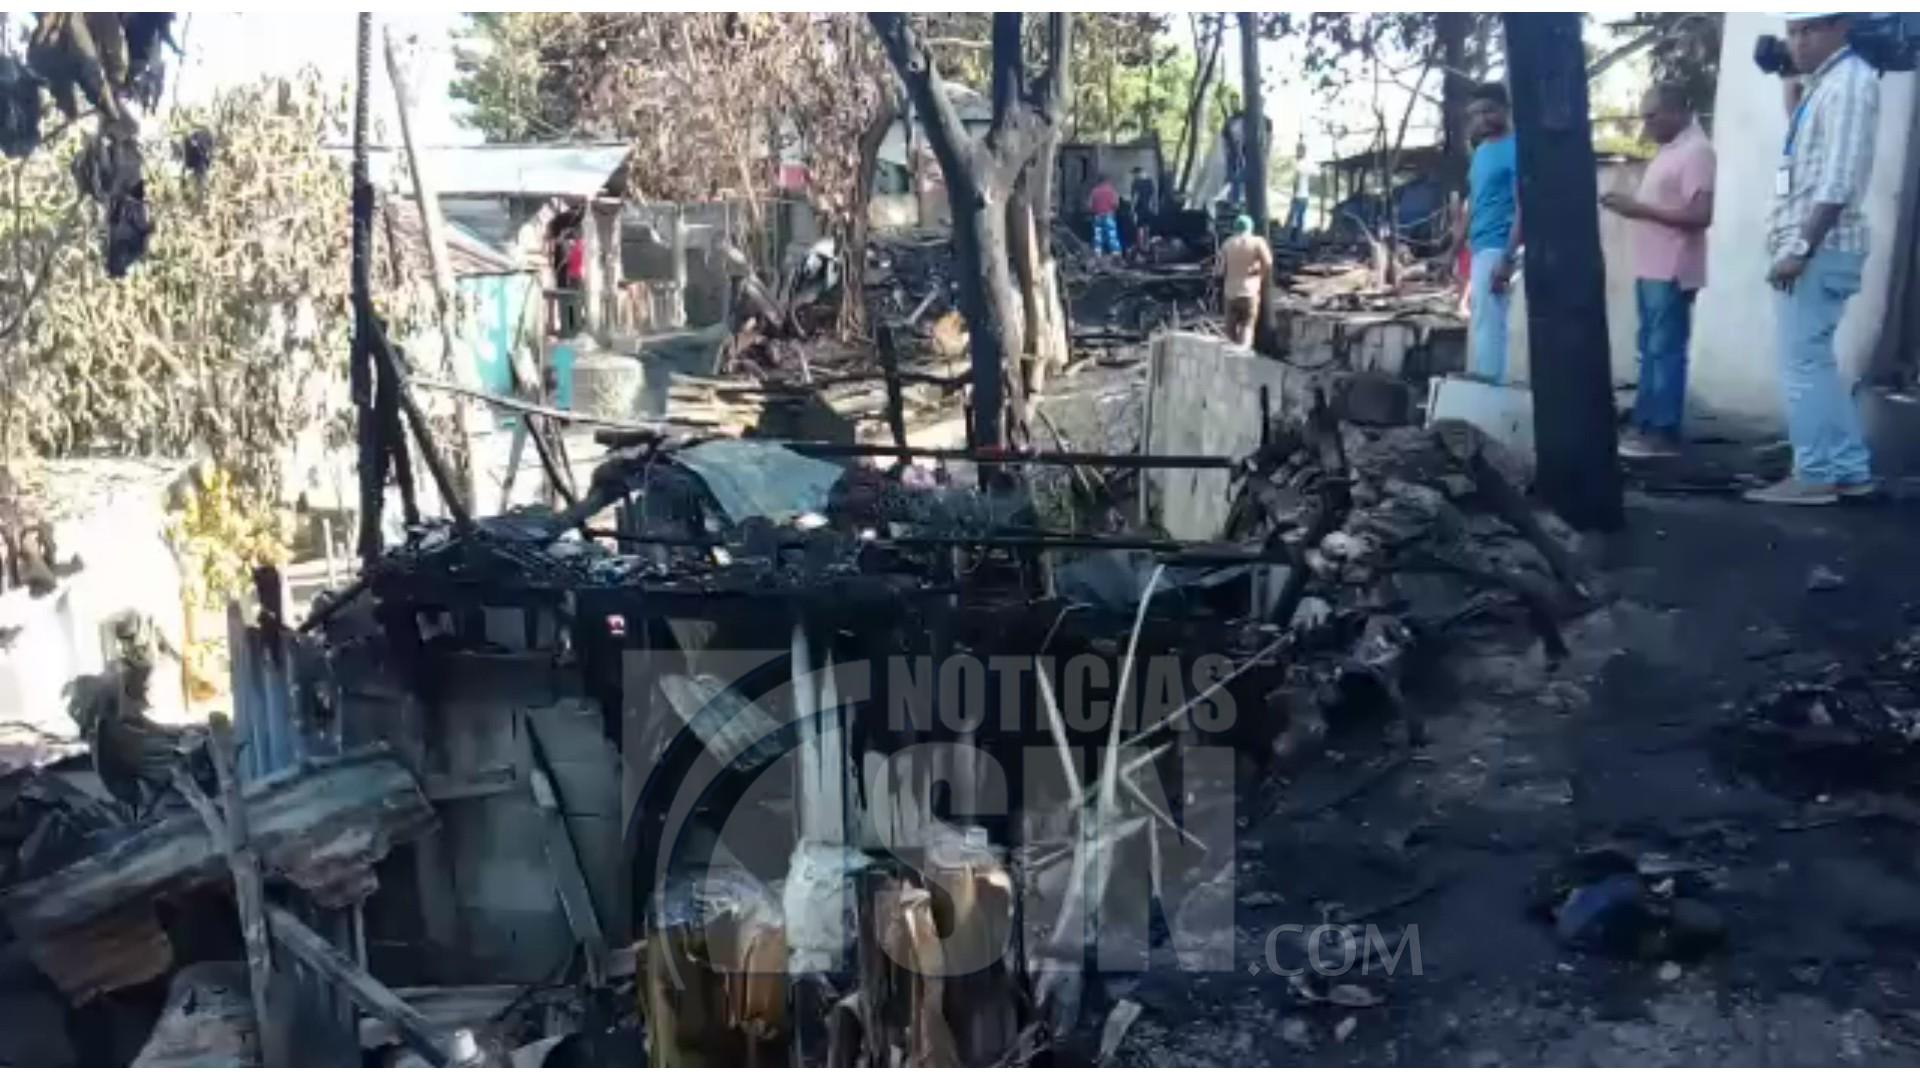 Incendio reduce a cenizas unas seis viviendas en sector Mella II de Santiago